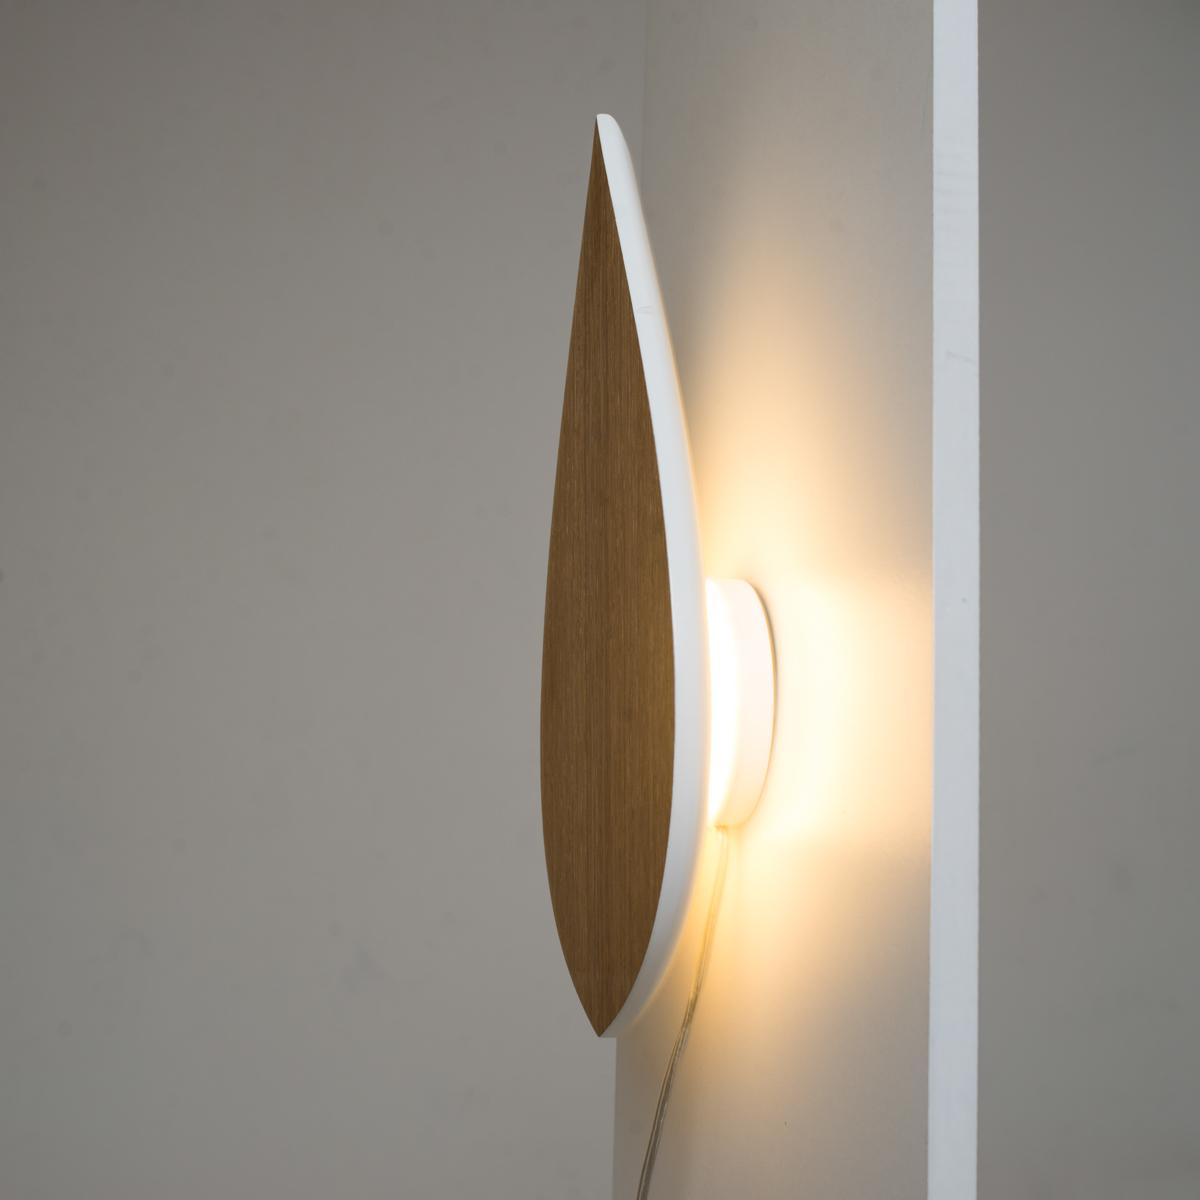 Настенный светильник Woodled Листок